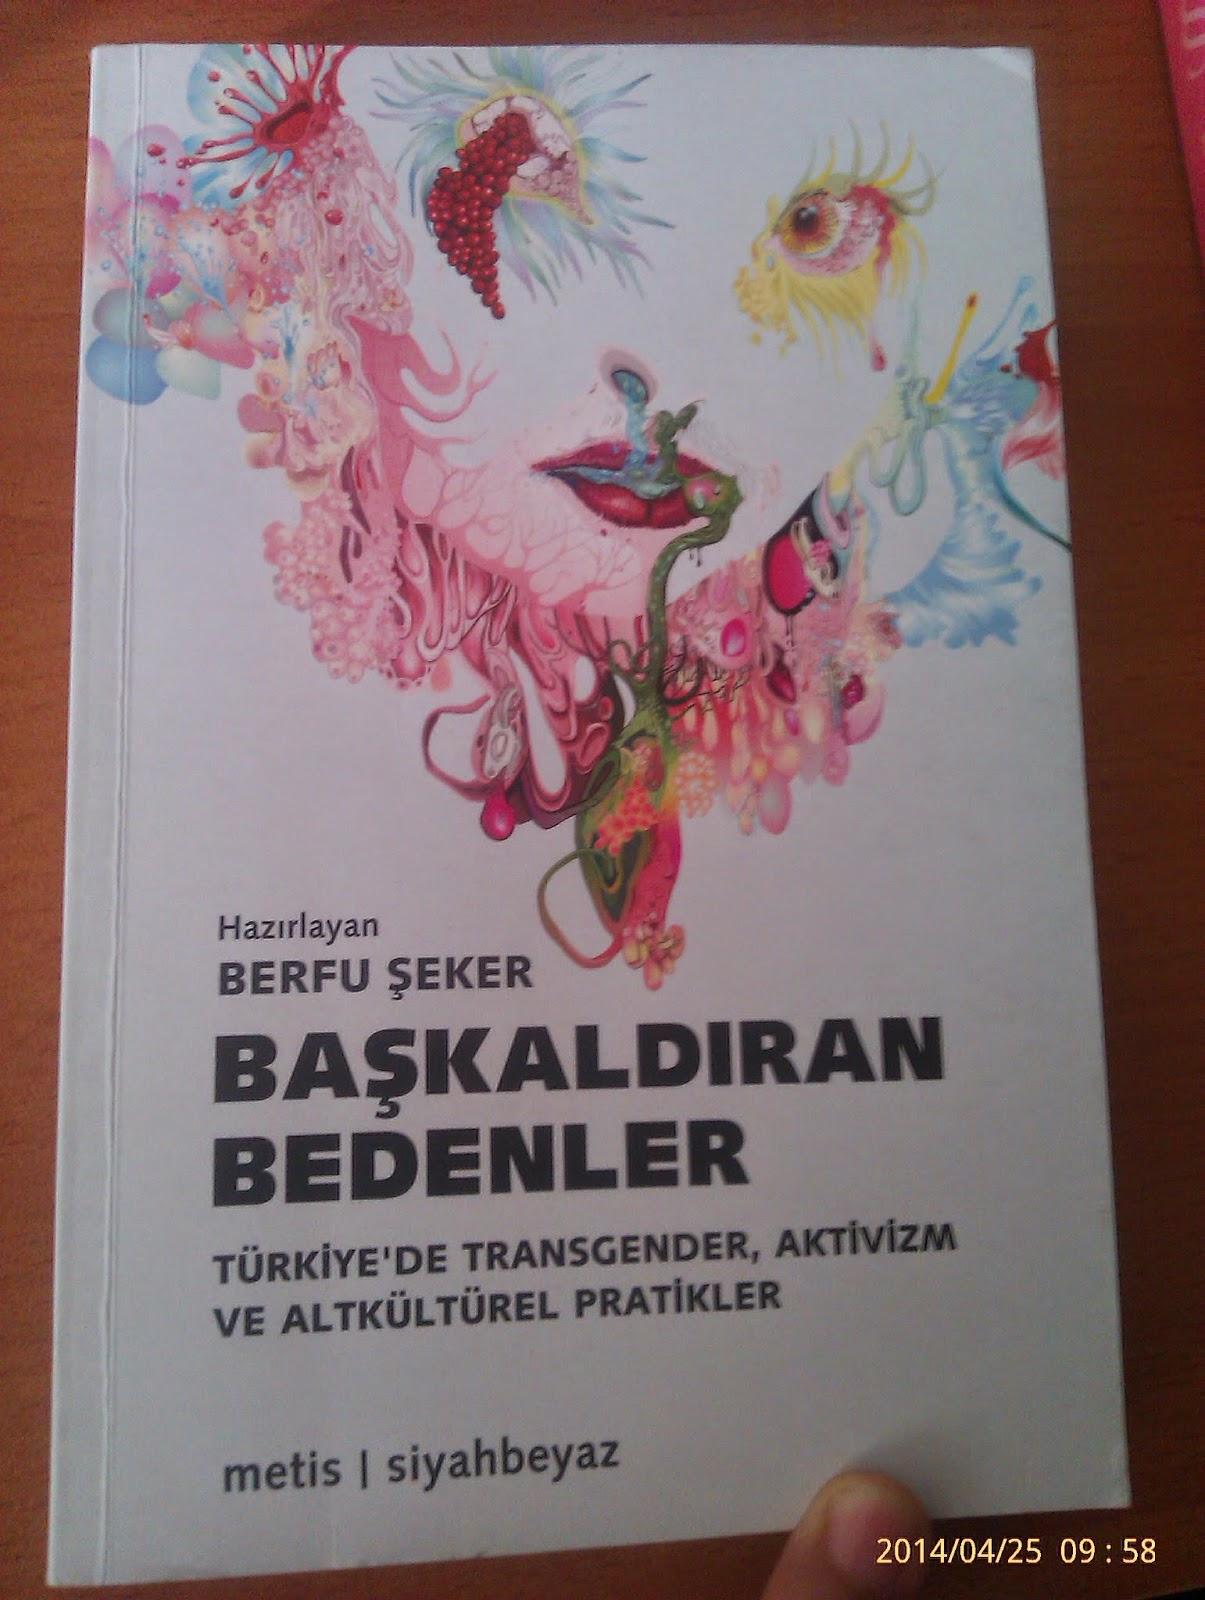 BERFU ŞEKER